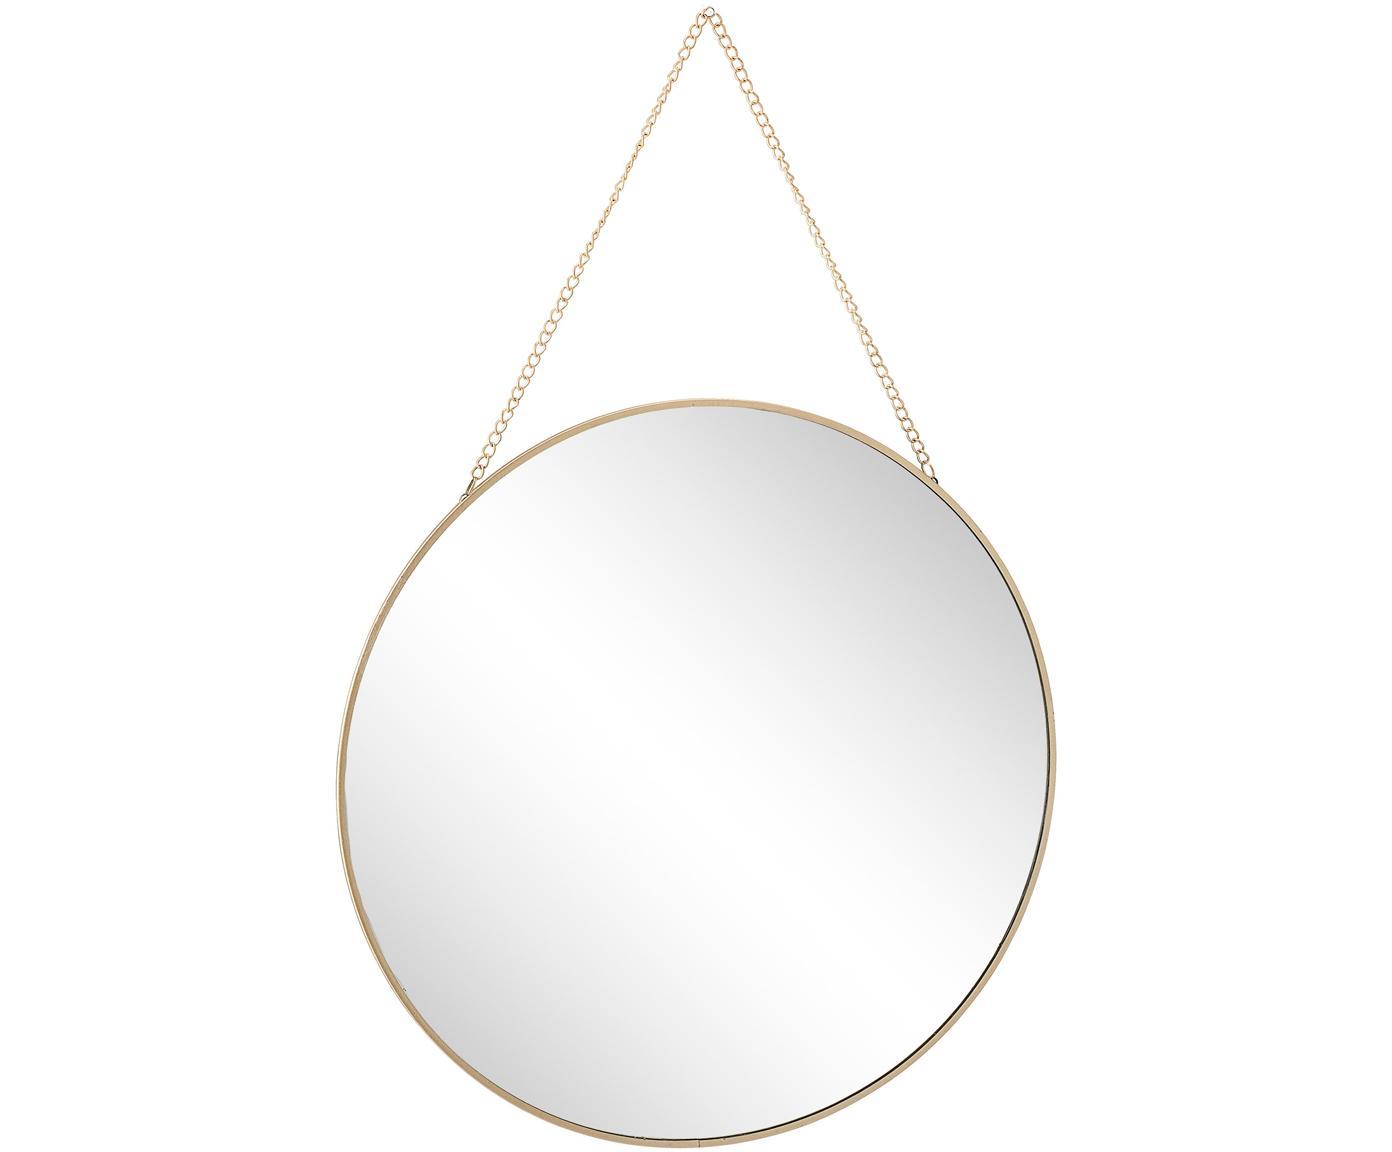 Goudkleurige wandspiegel Lala met metalen ketting, Lijst: gecoat metaal, Messingkleurig, Ø 38 cm